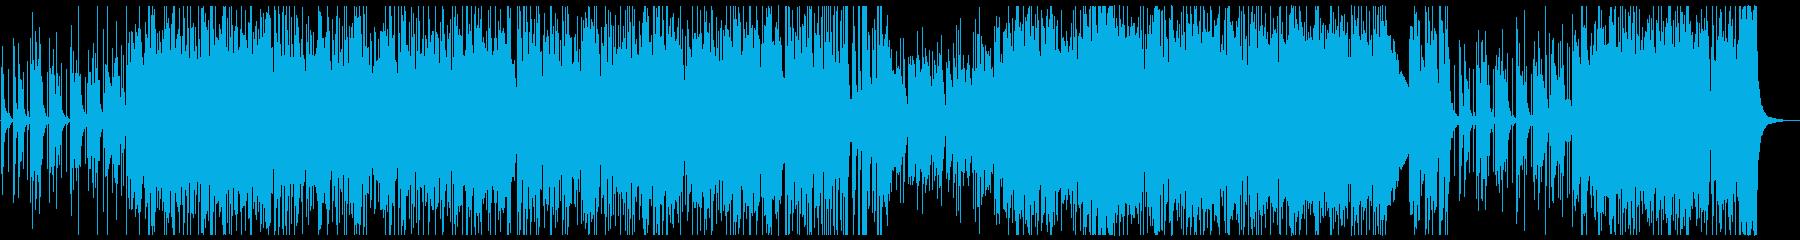 アップテンポのJAZZ(ピアノトリオ)の再生済みの波形